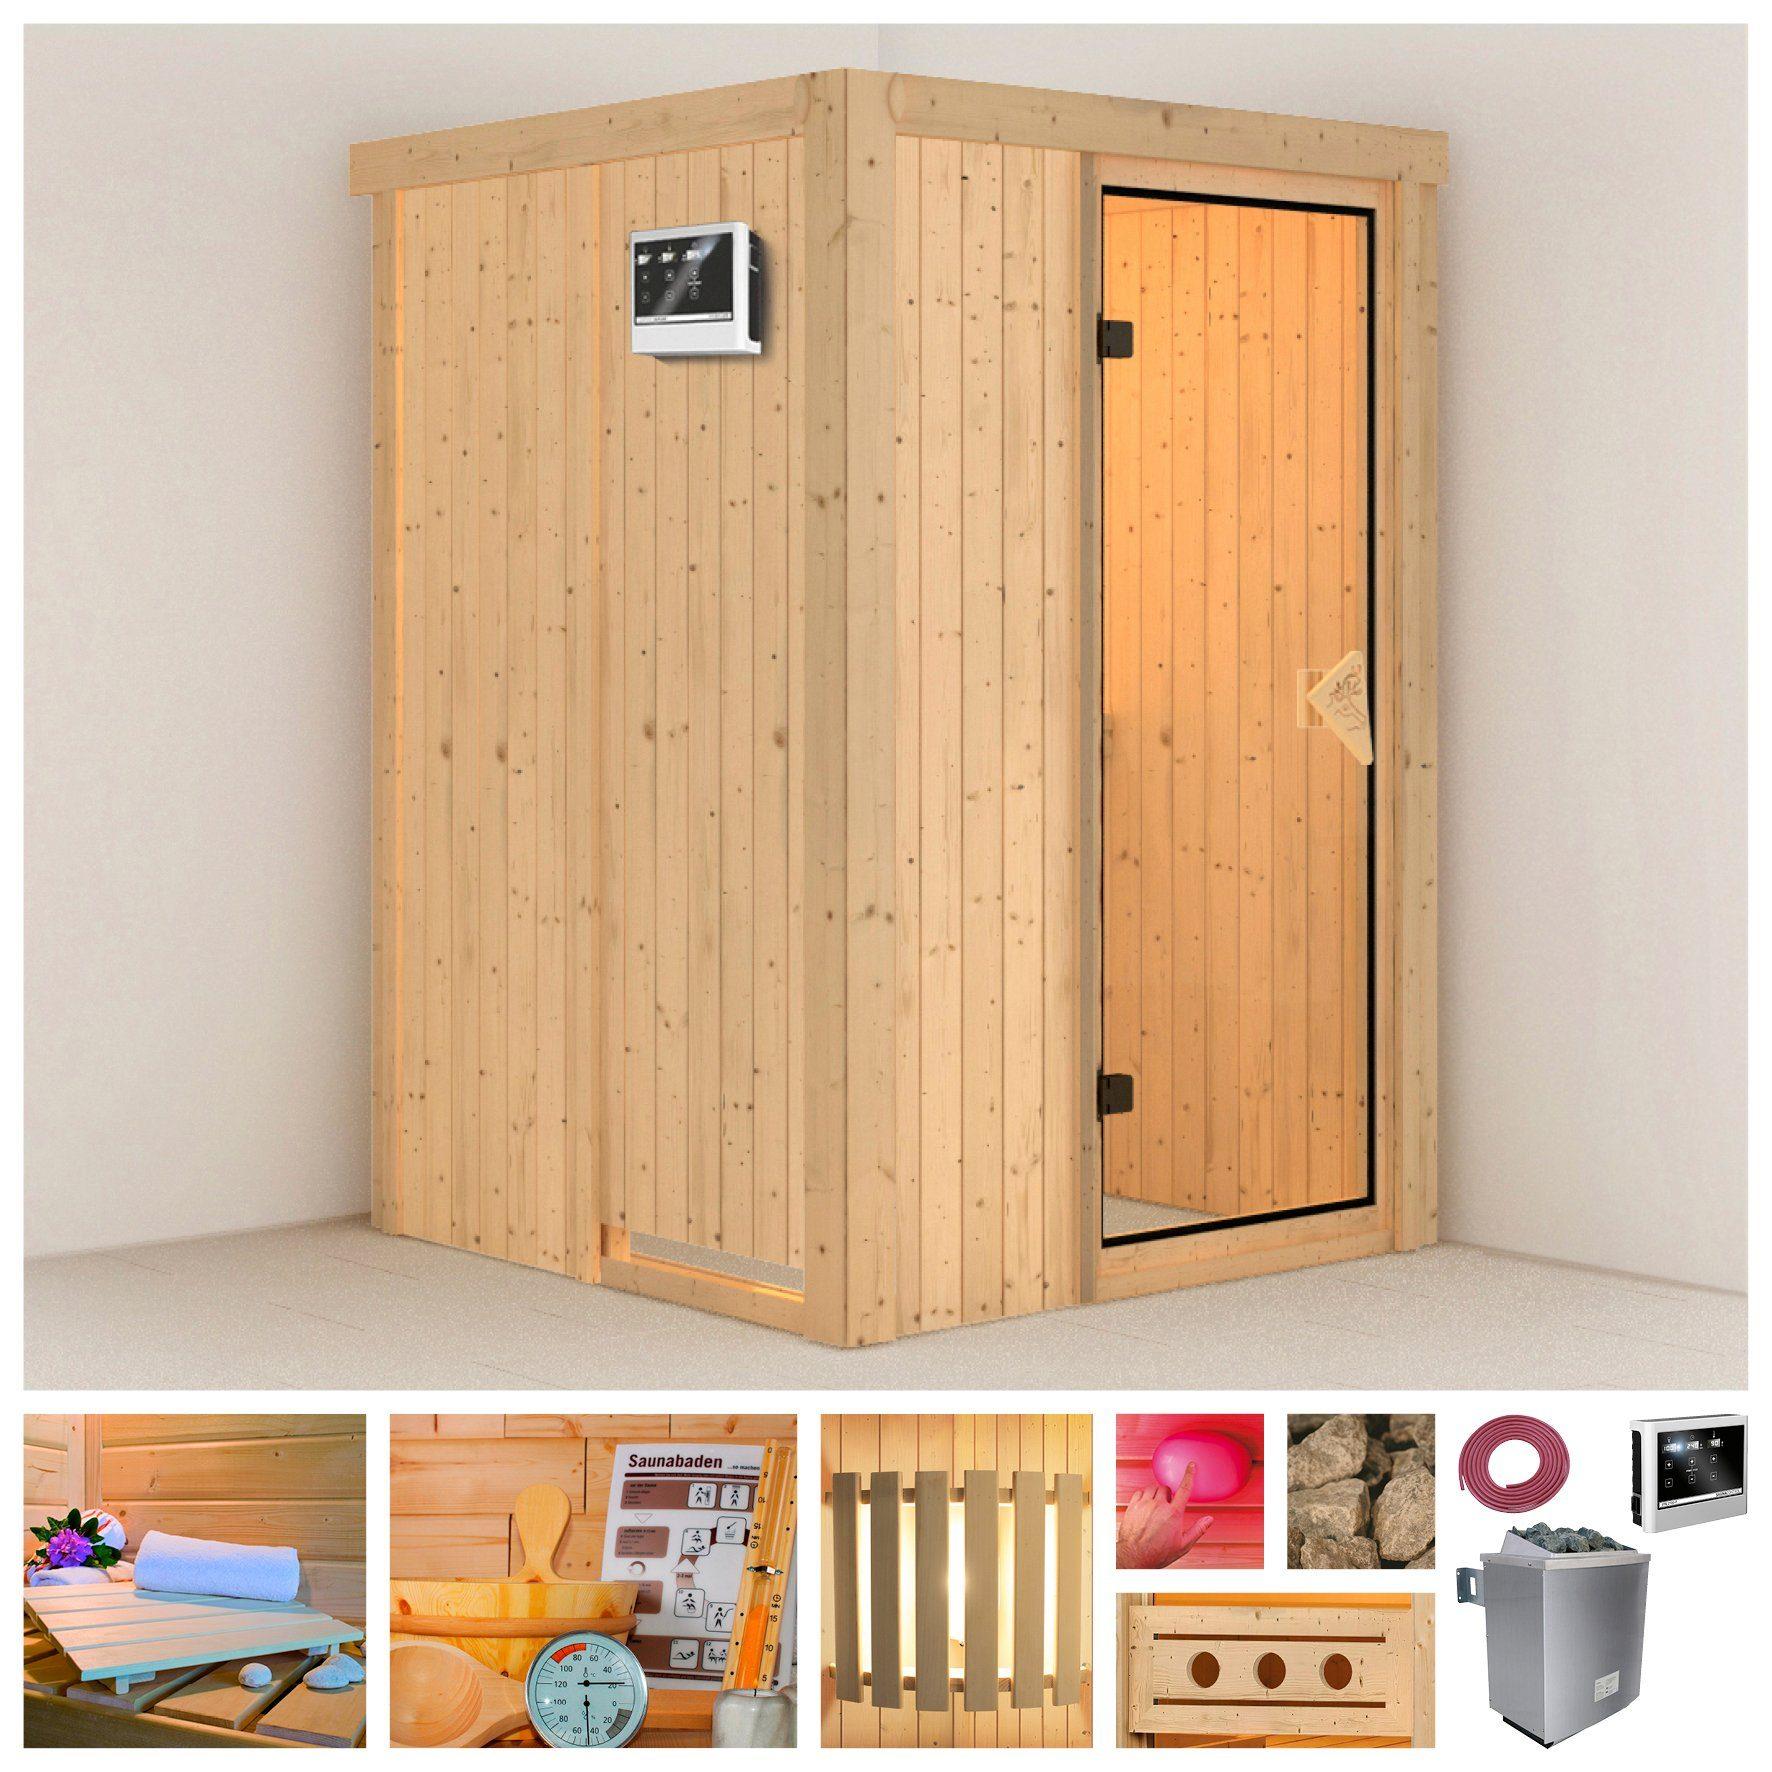 KONIFERA Sauna »Linda«, 135/135/198 cm, 68 mm, 9-kW-Ofen mit ext. Steuerung